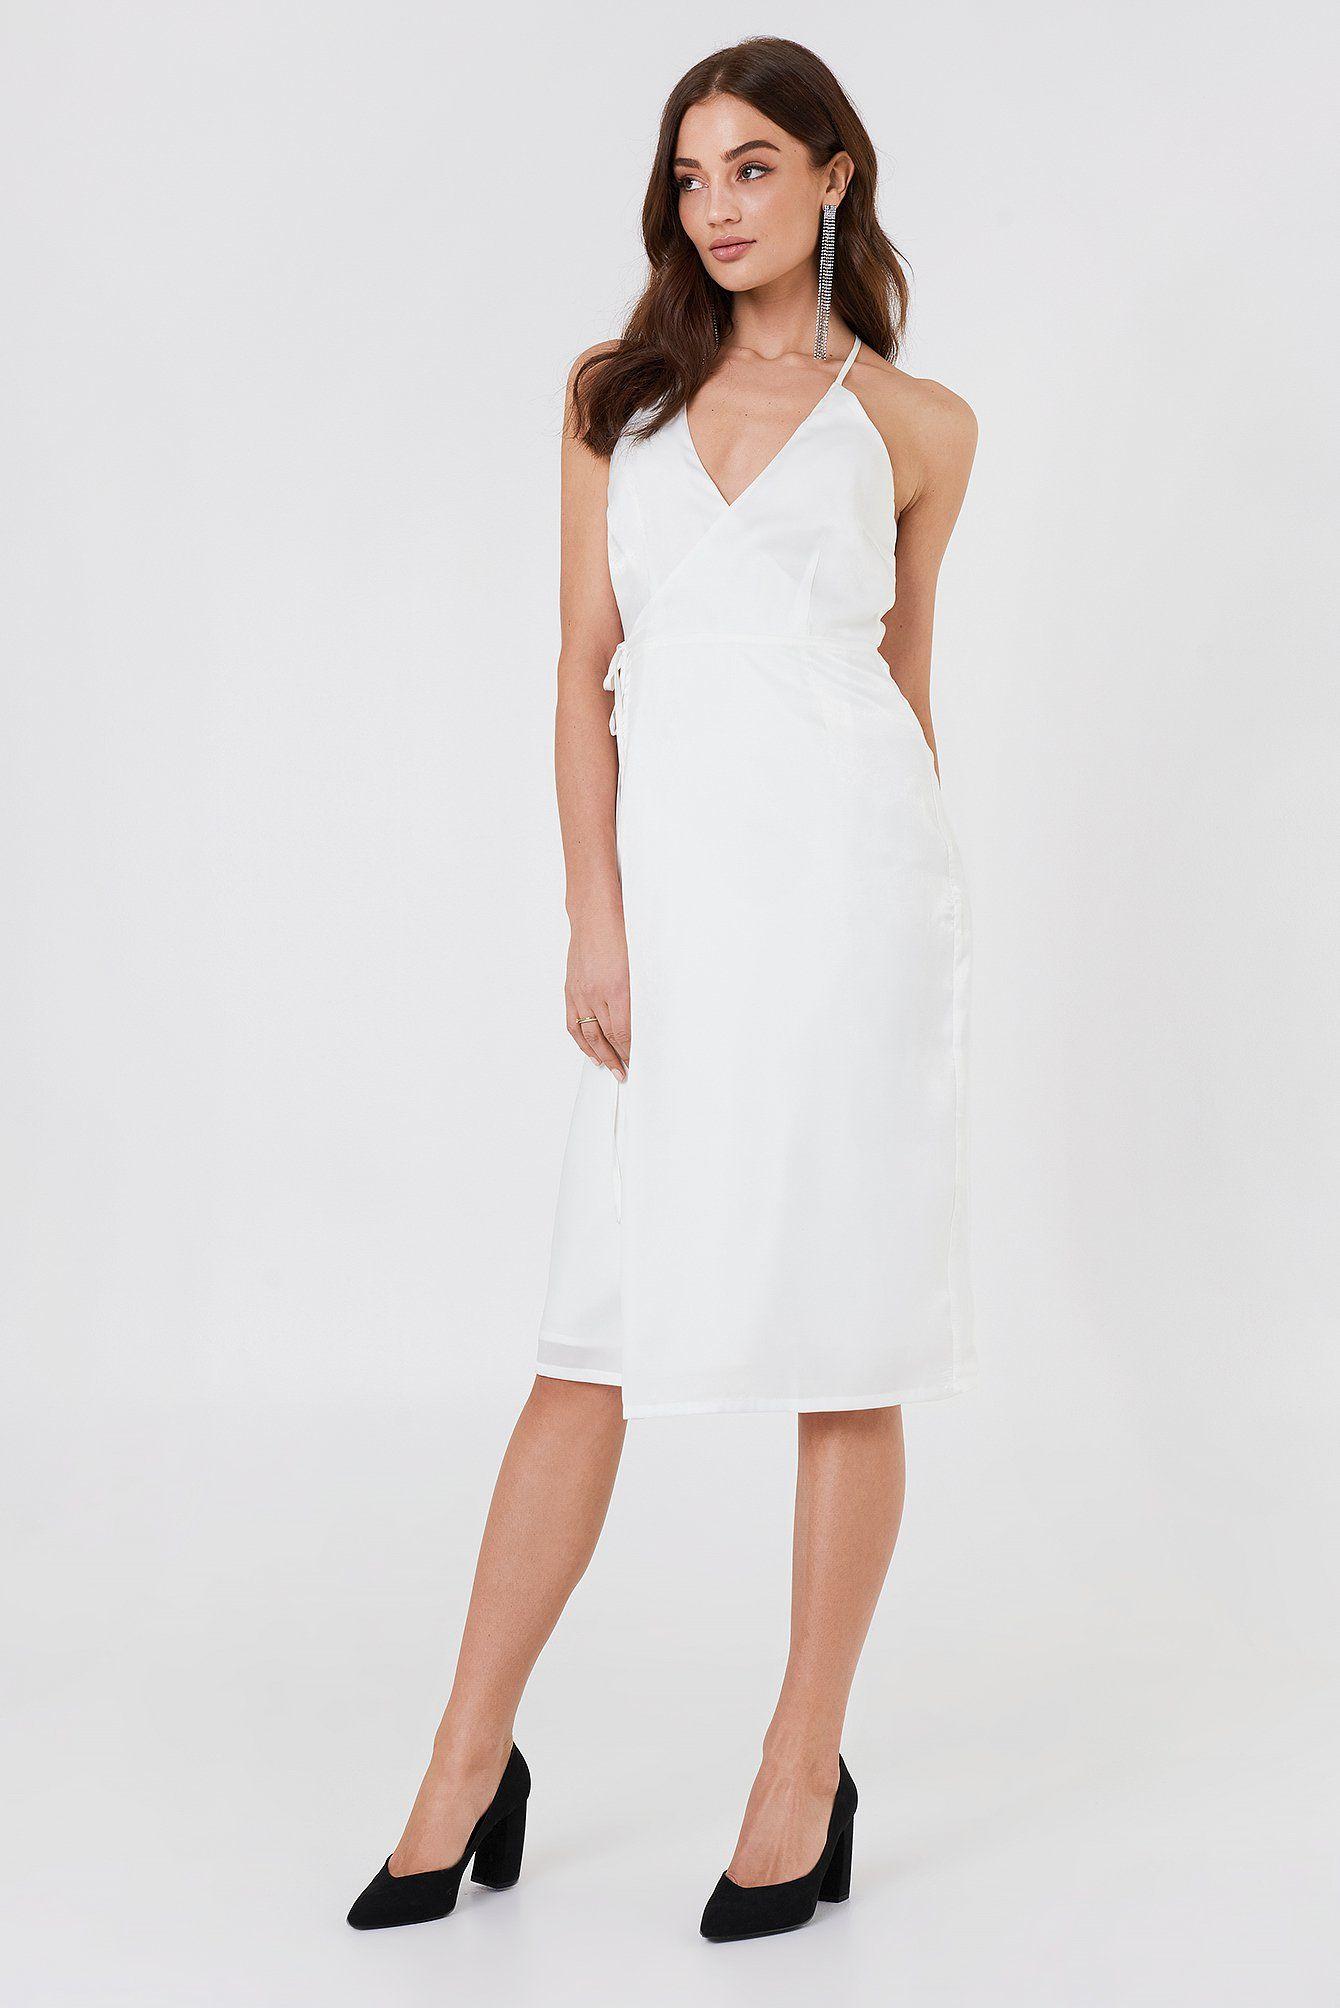 8a00f2563 Kopertowa sukienka Haley od Rut&Circle ma dekolt w kształcie litery V, dwa  cienkie ramiączka, długość midi, kopertowy krój z wiązaniem.